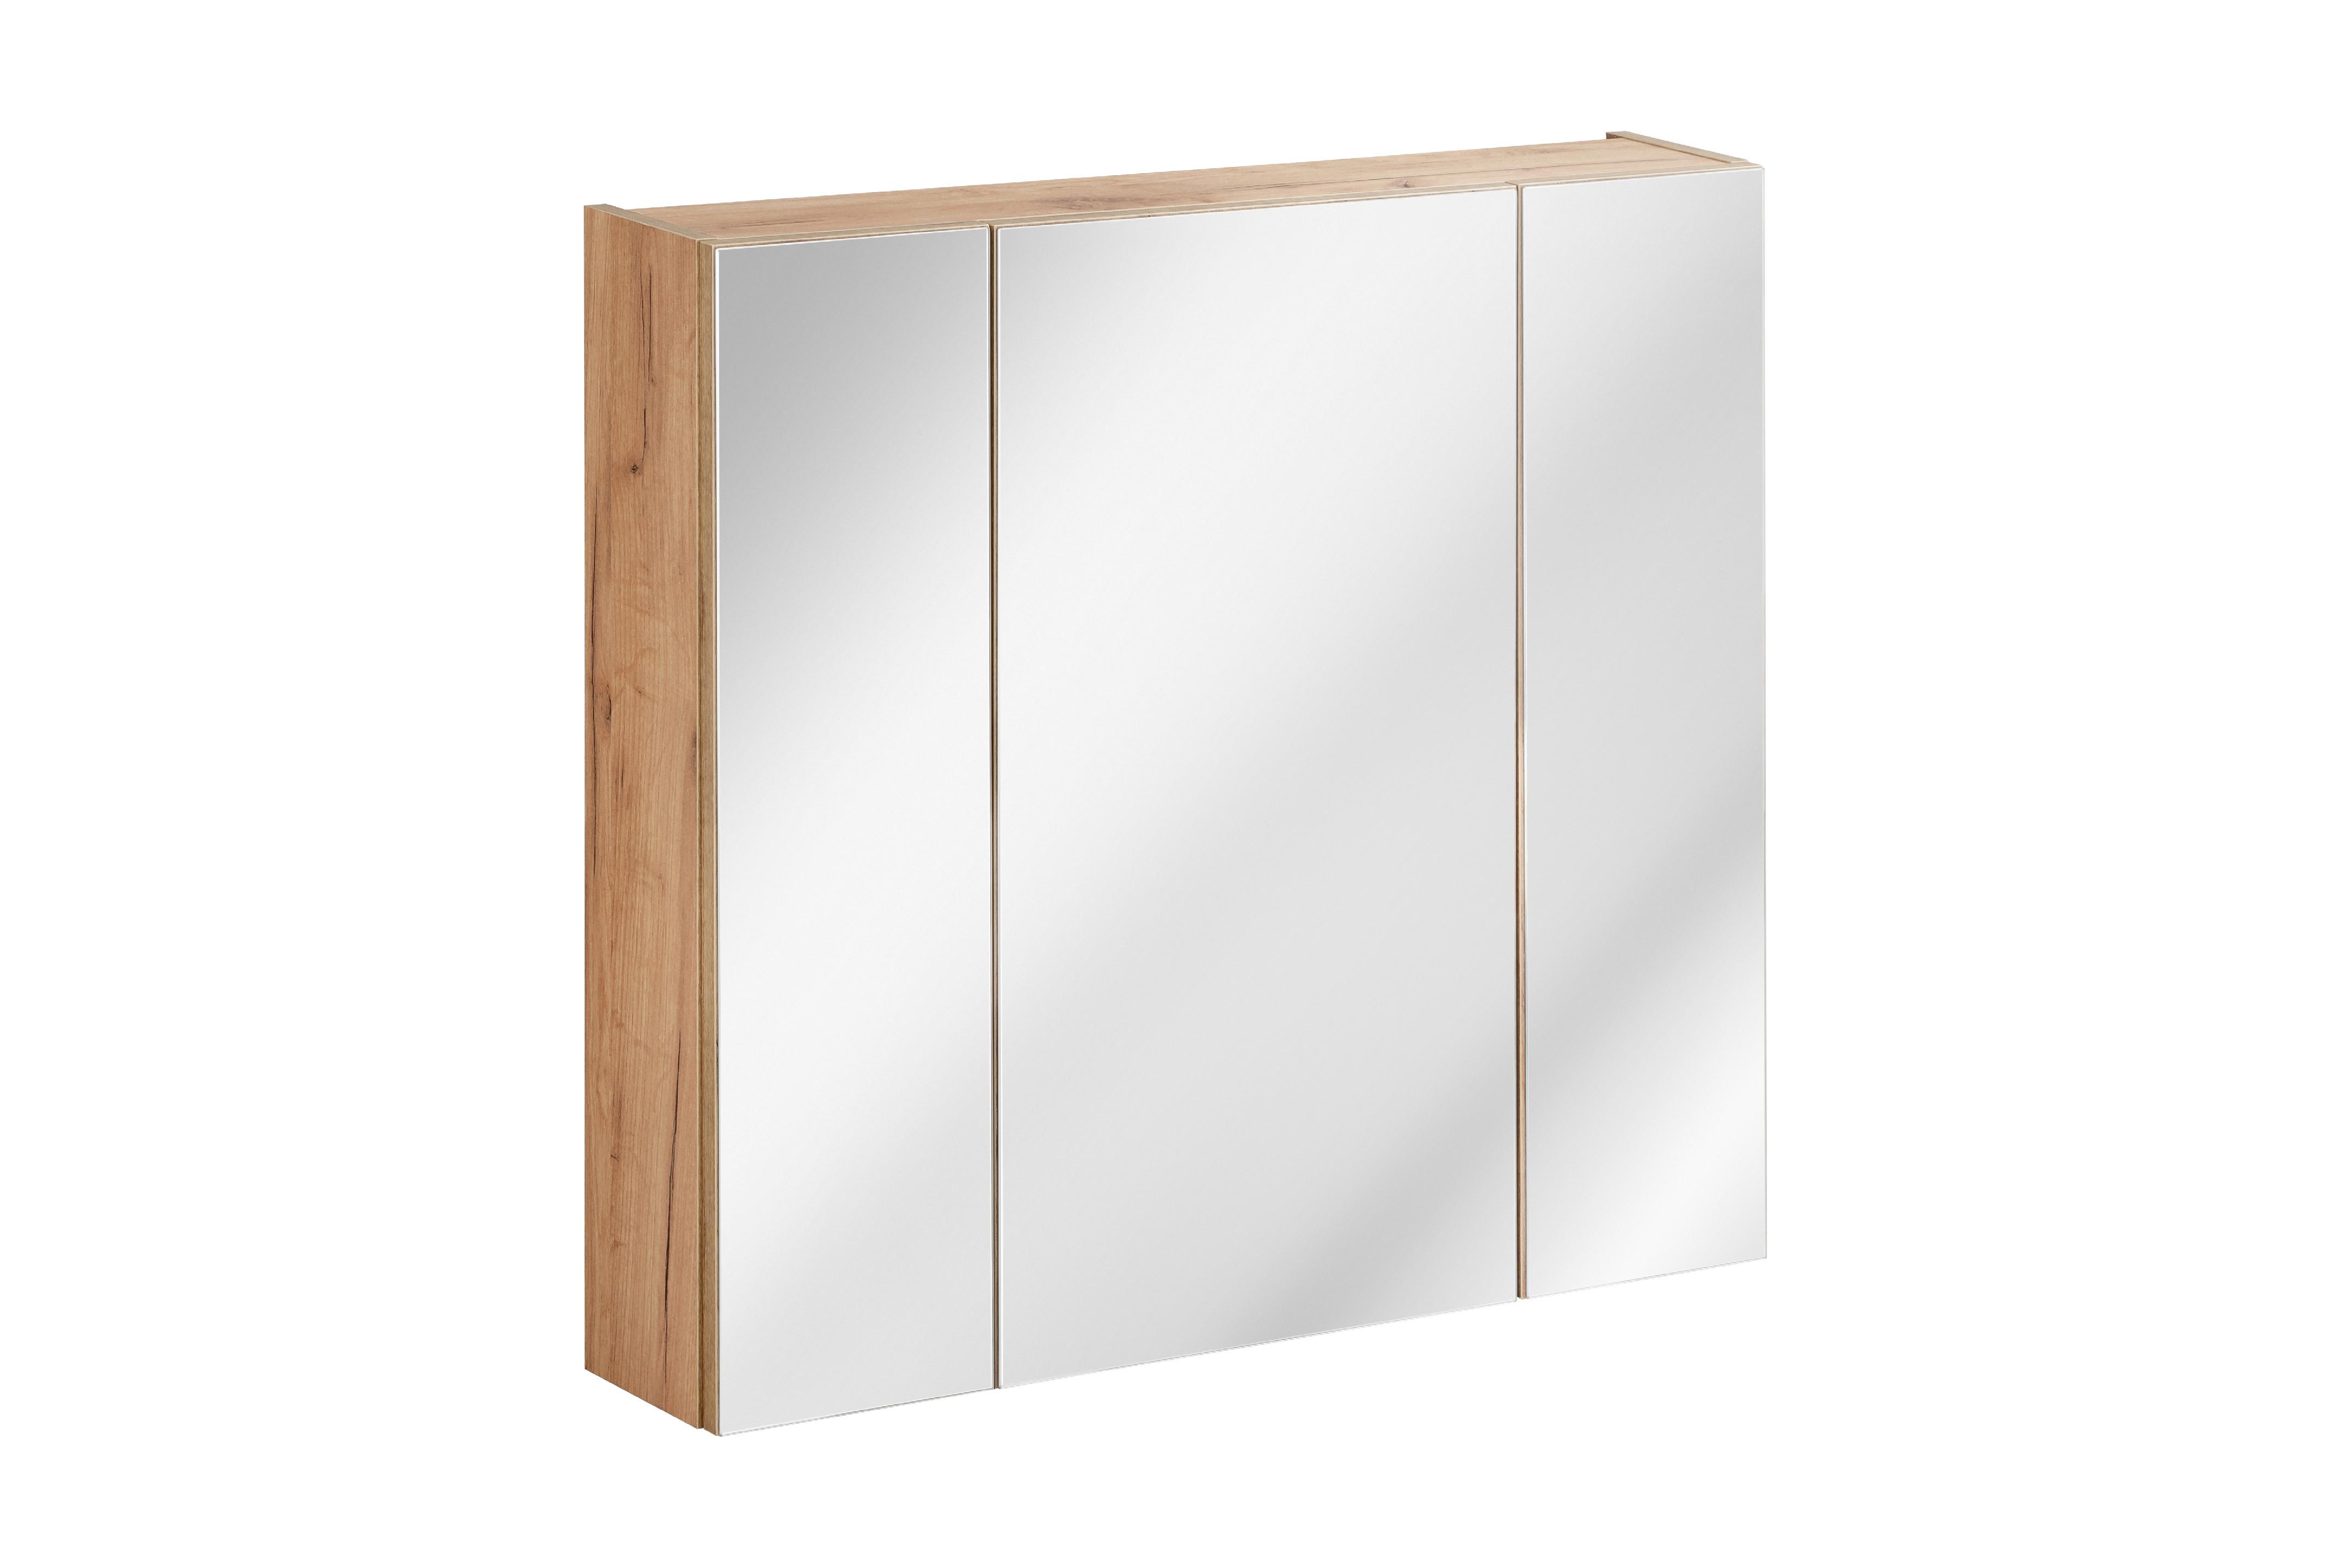 ArtCom Kúpeľňová zostava Capri | dub zlatý Capri | dub zlatý: Horná zrkadlová skrinka 843 - 80 cm